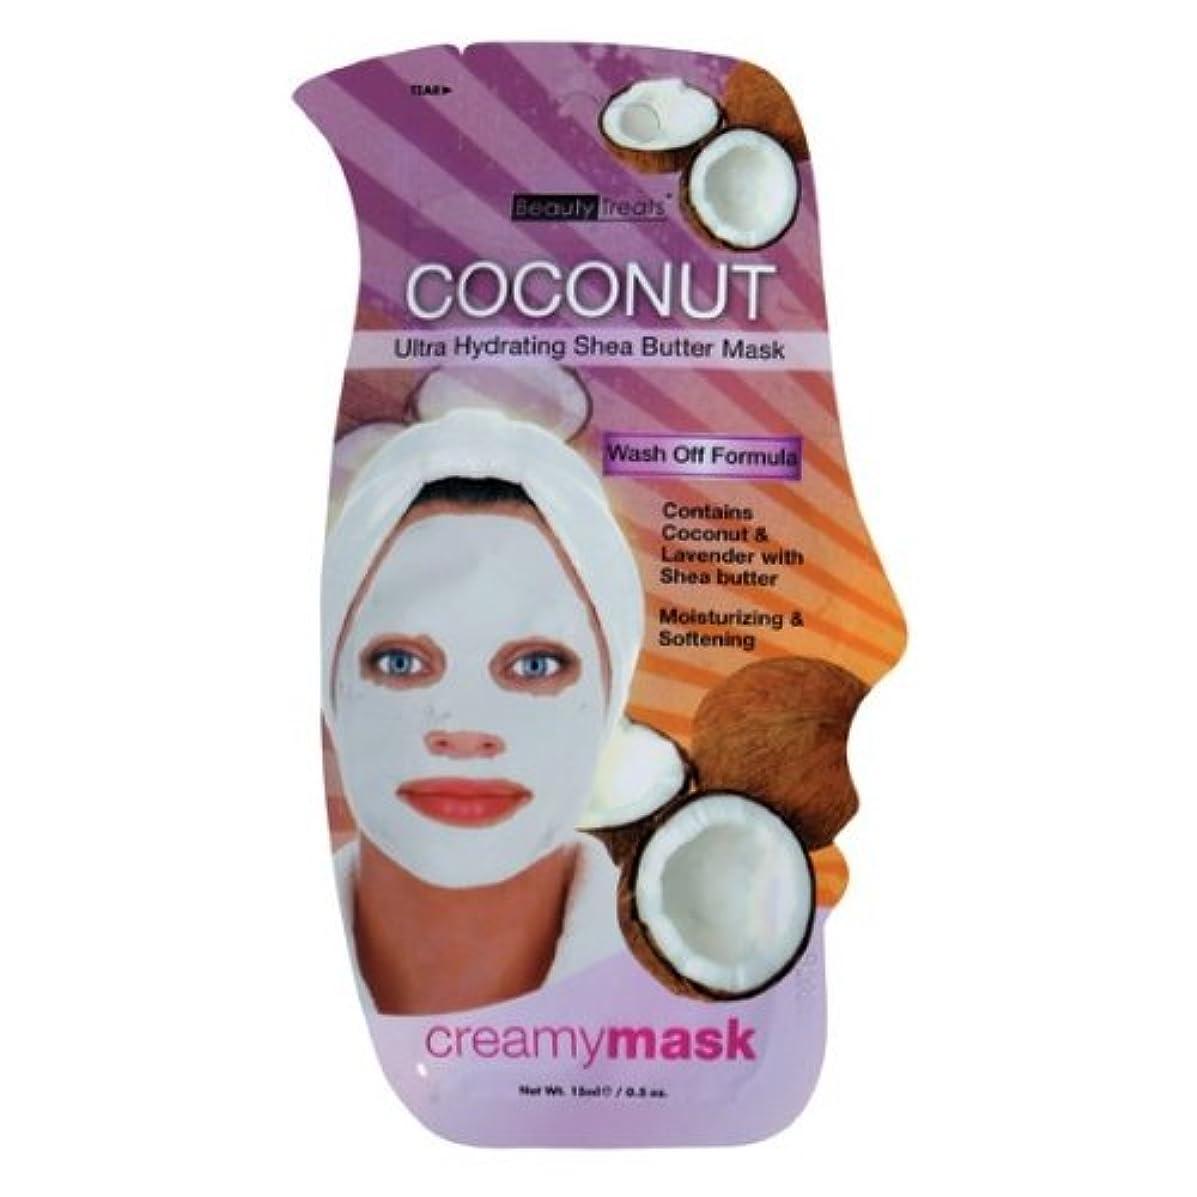 雑品倍増狂う(3 Pack) BEAUTY TREATS Coconut Ultra Hydrating Shea Butter Mask - Coconut (並行輸入品)